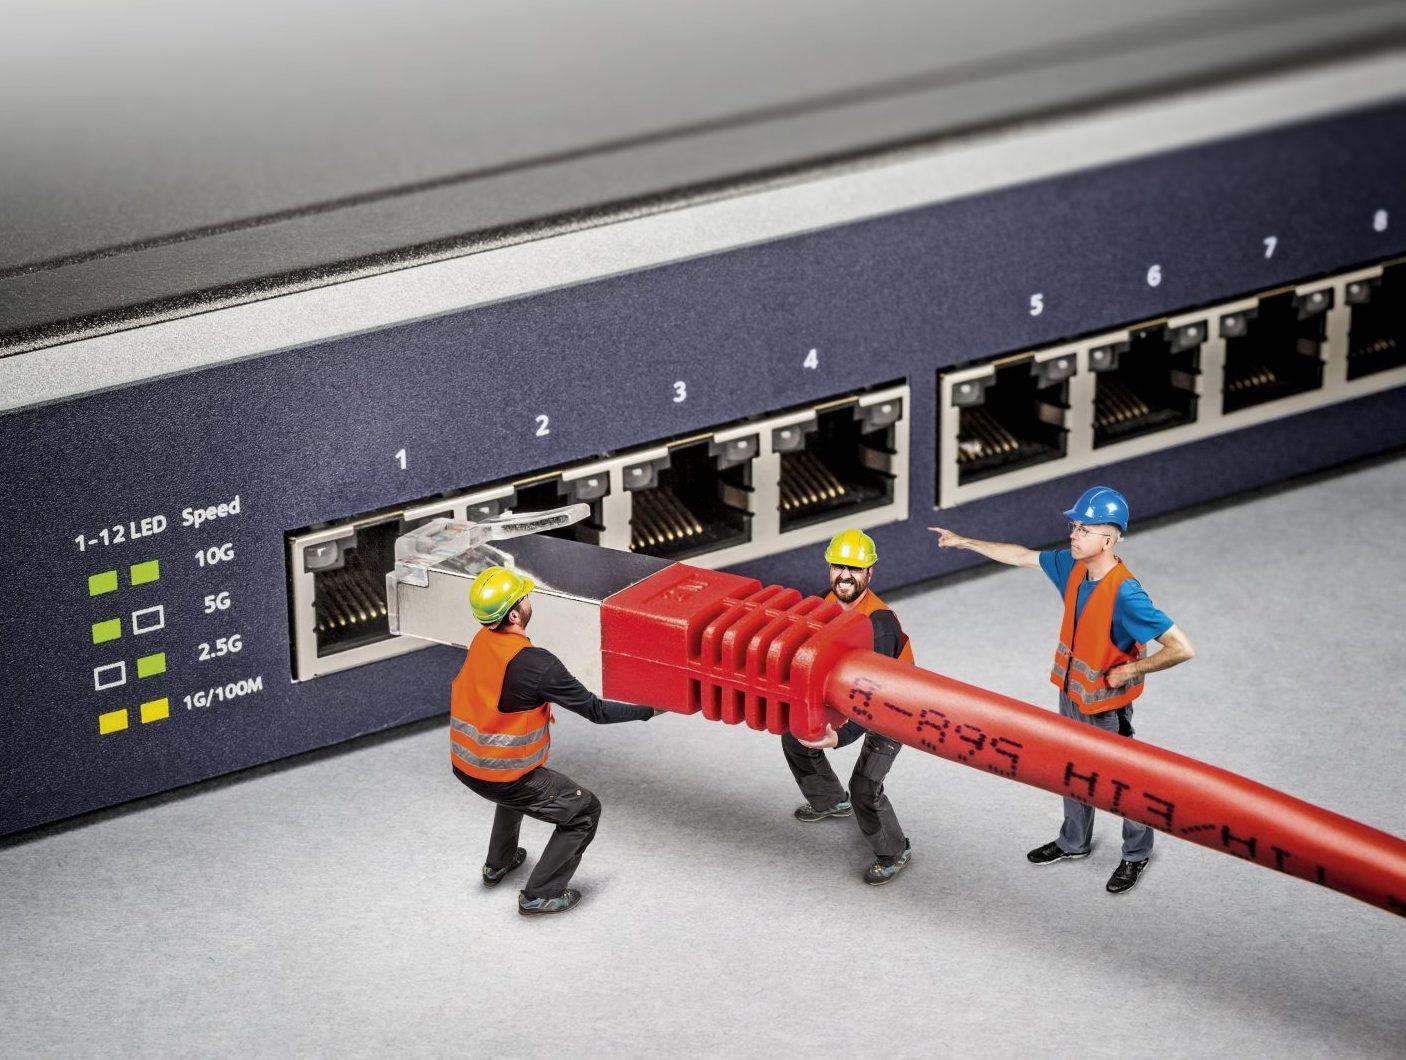 maak je netwerk sneller multi gigabit ethernet NBase-T